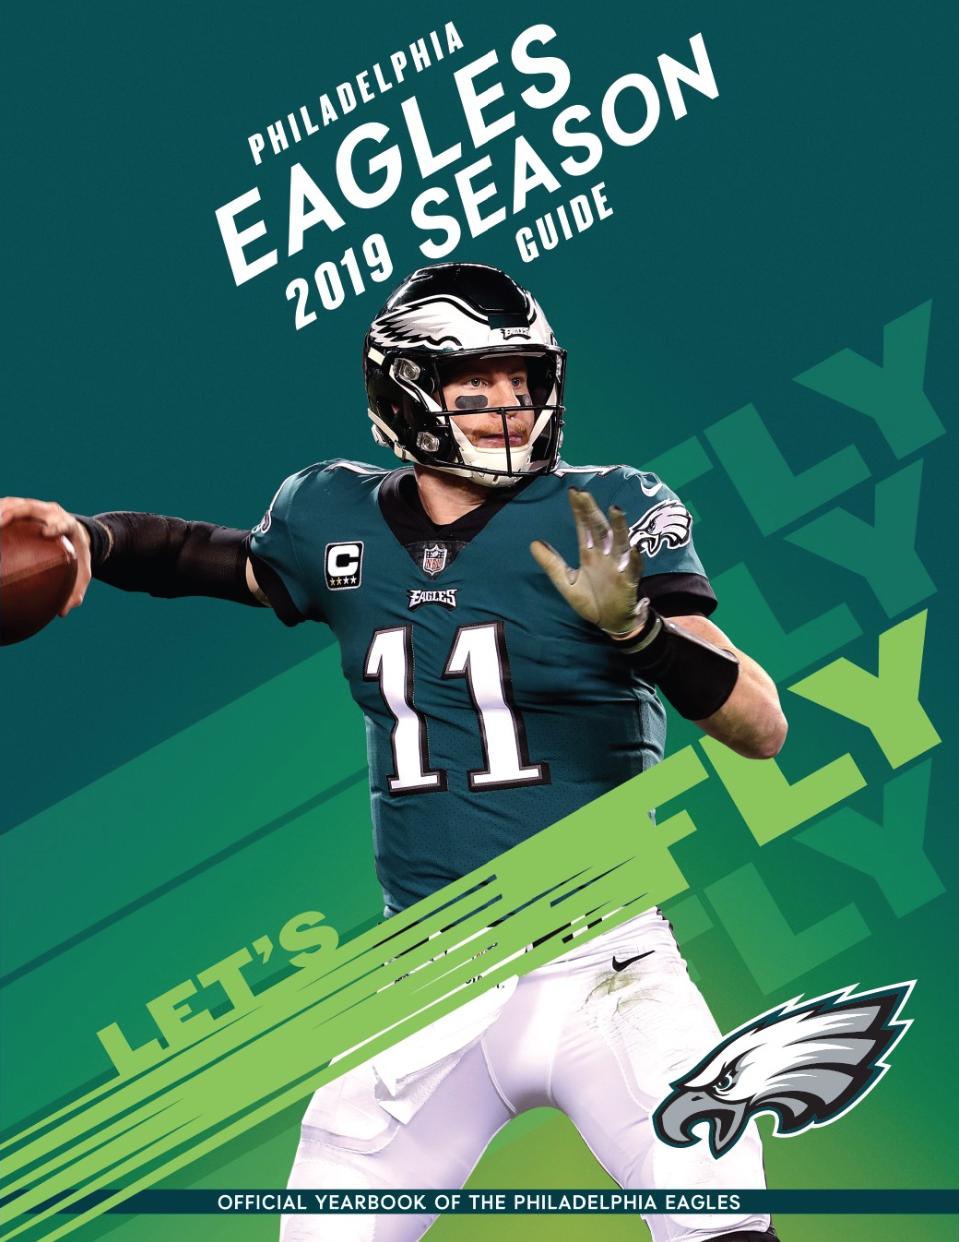 2019 Philadelphia Eagles Yearbook